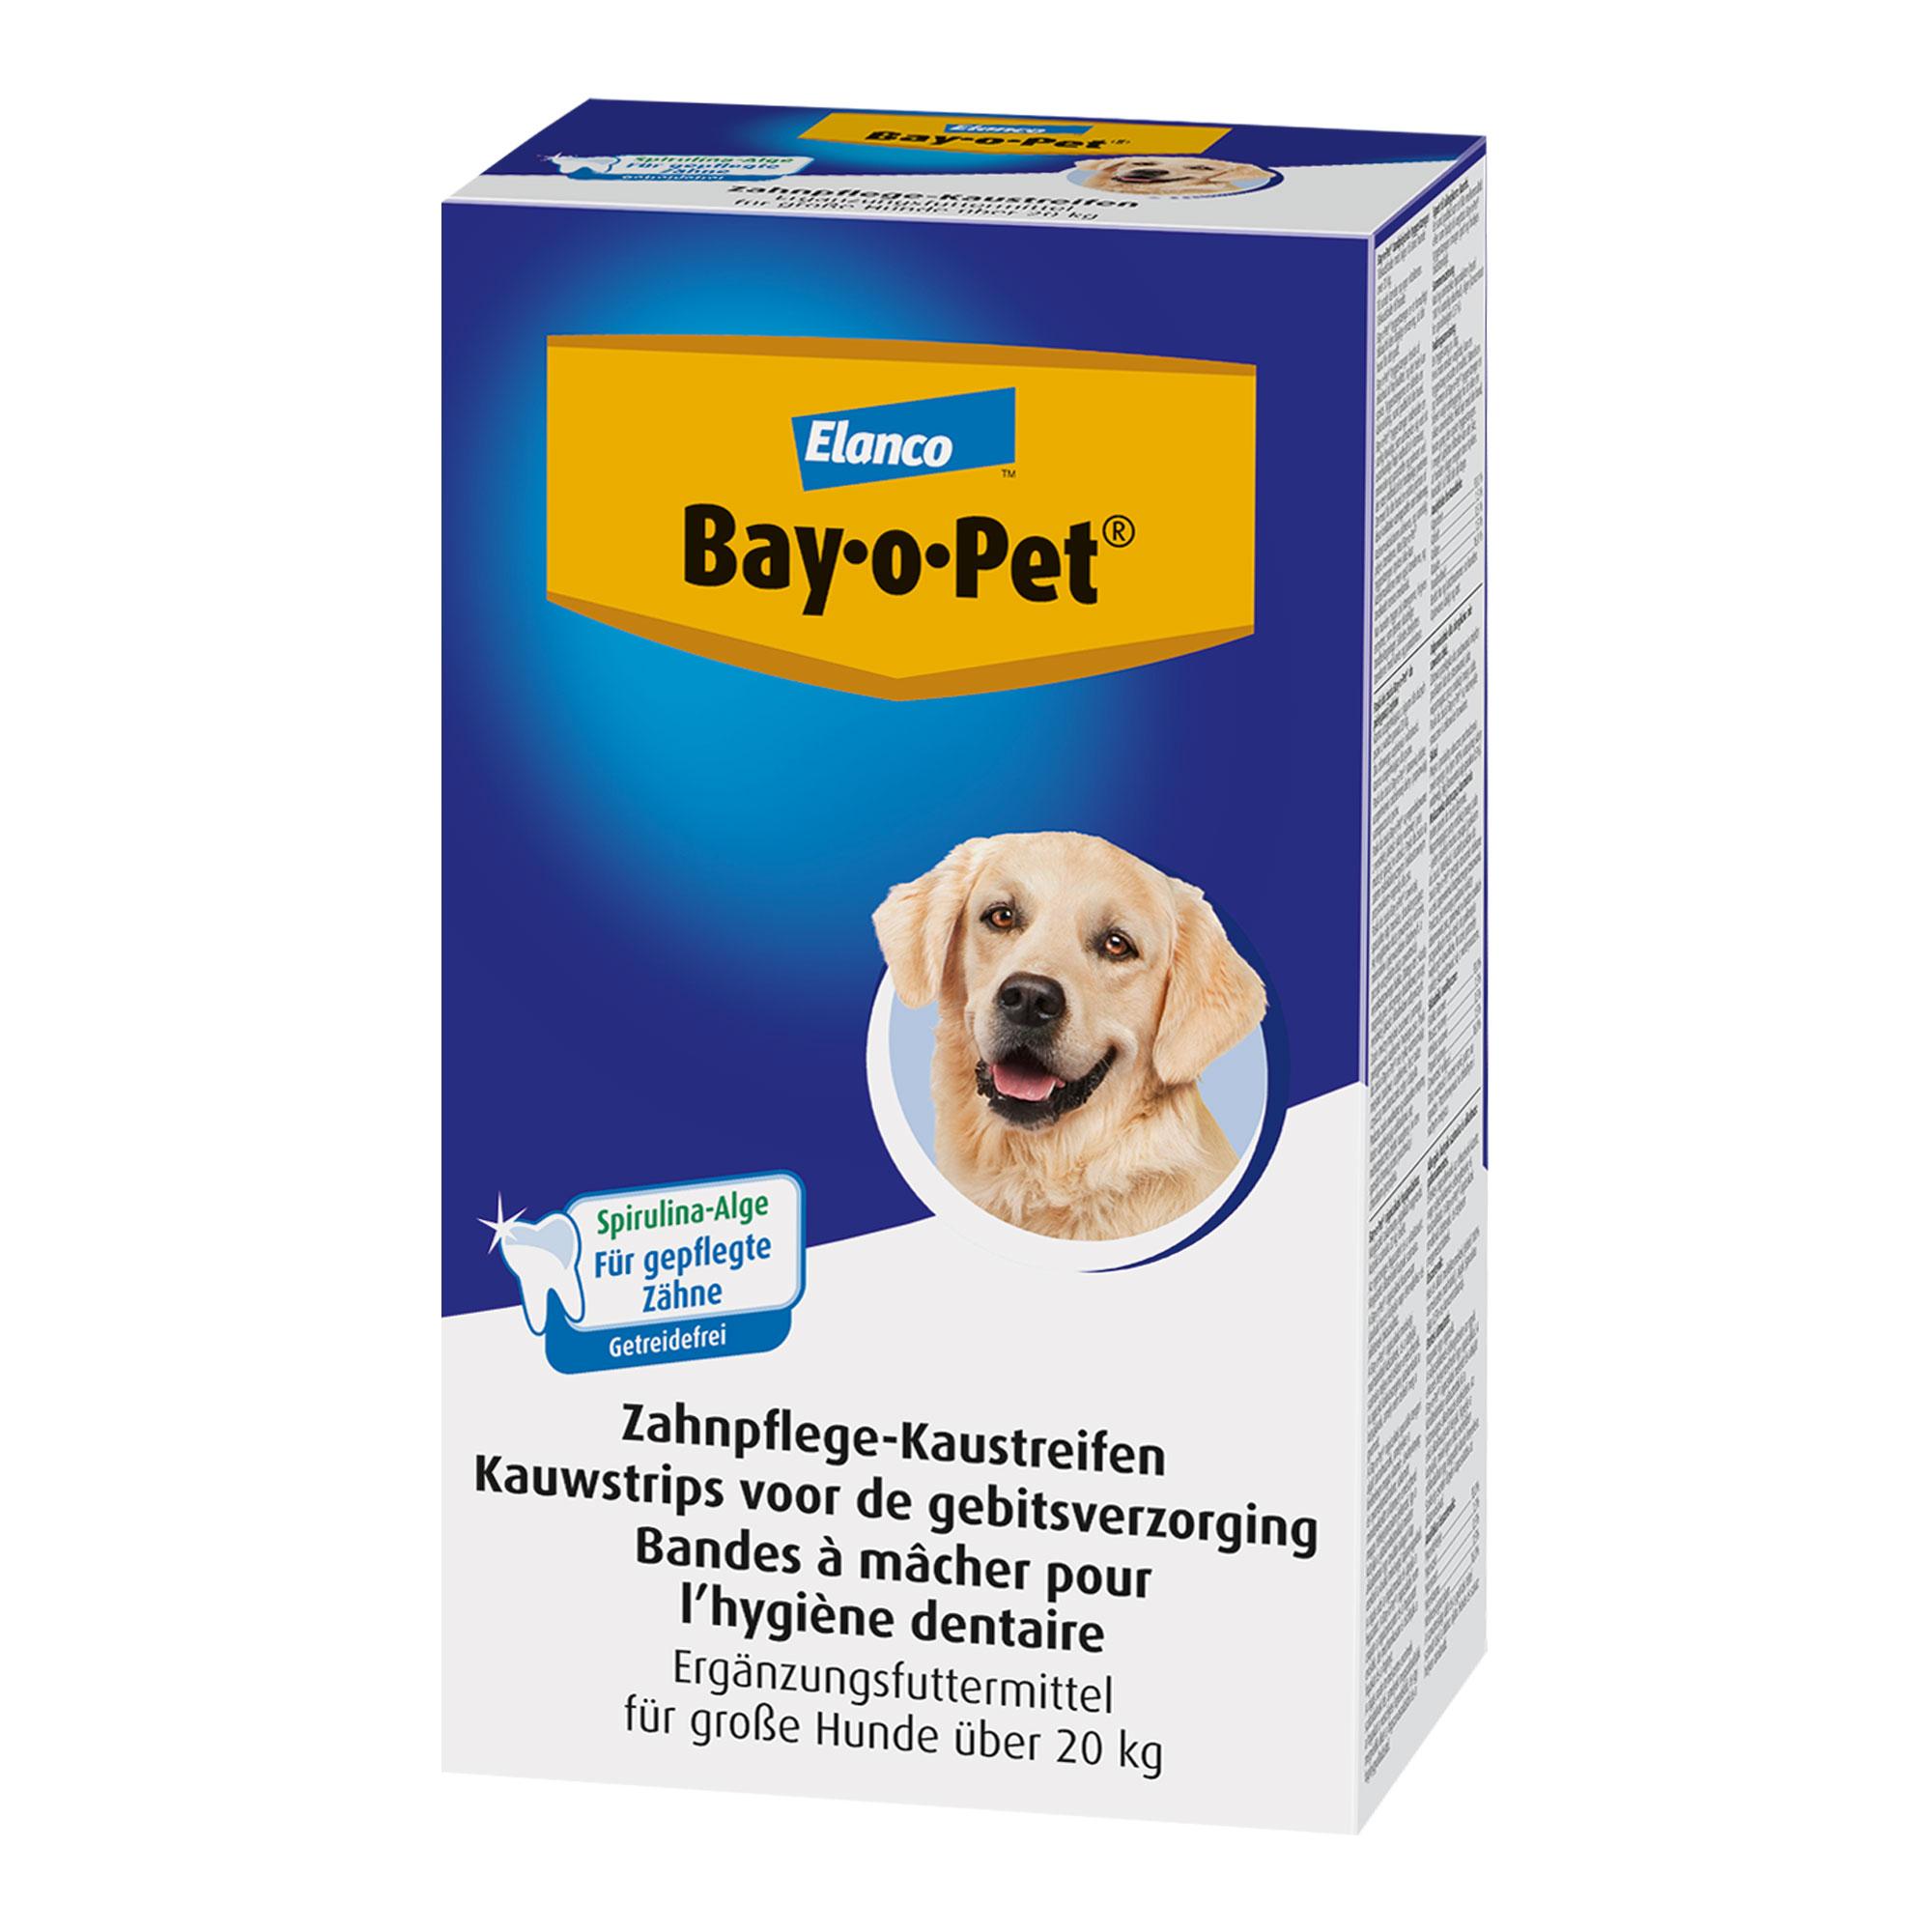 Bay O Pet Kaustreifen für große Hunde